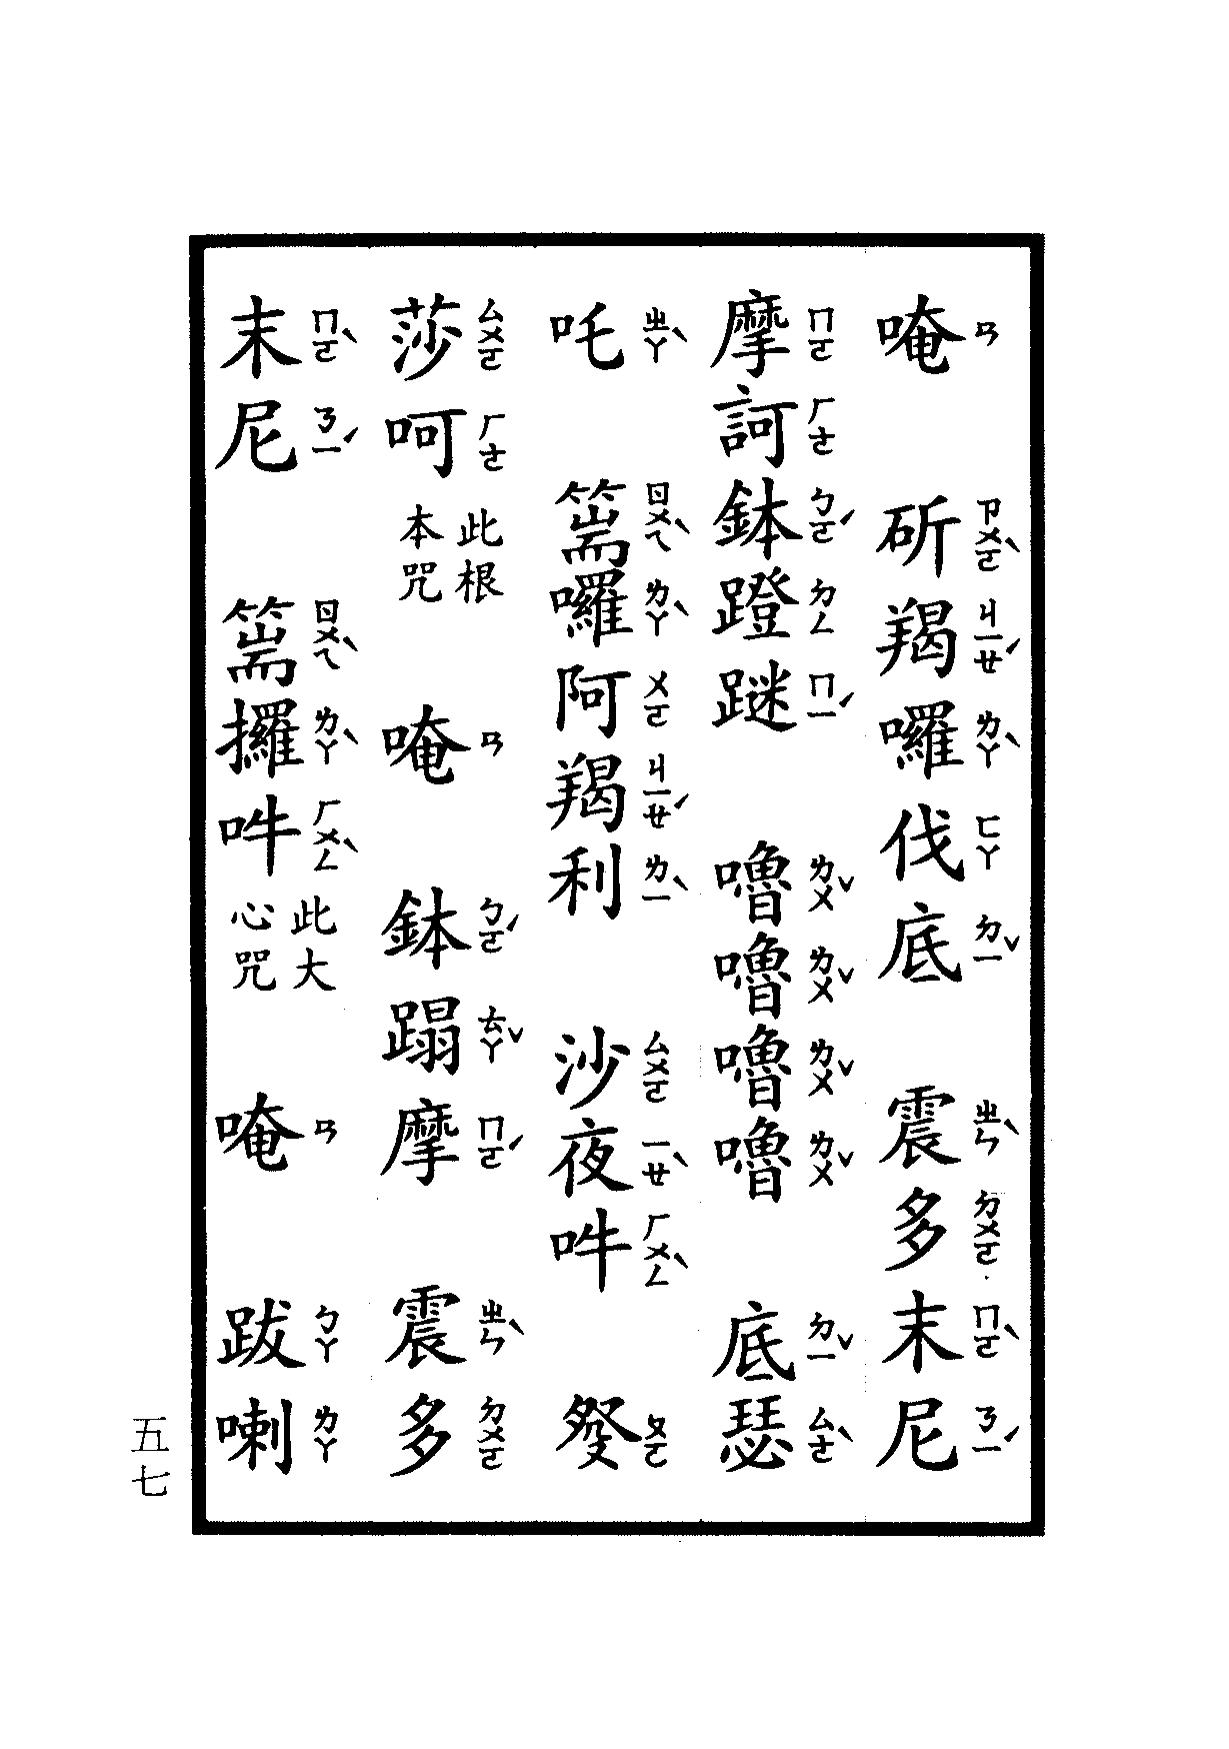 楞嚴咒-大悲咒-十小咒-易背本 63.png